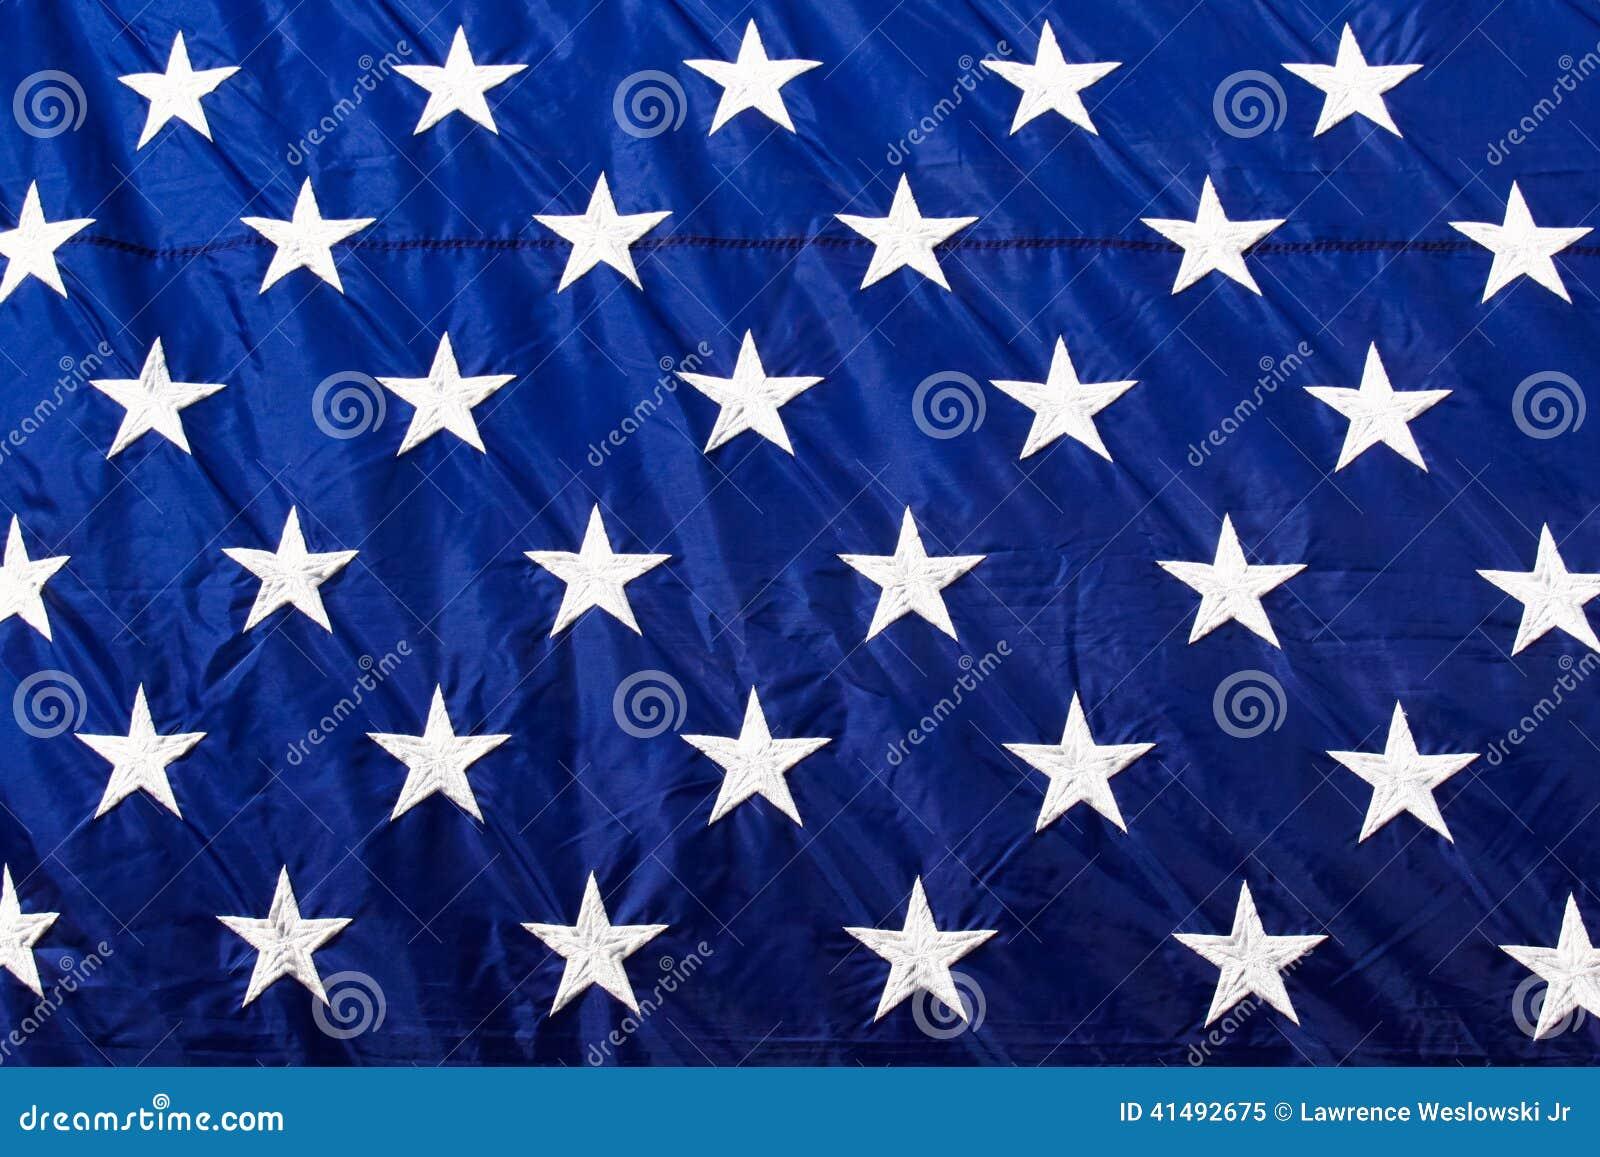 Белизна крупного плана американского флага играет главные роли голубая предпосылка